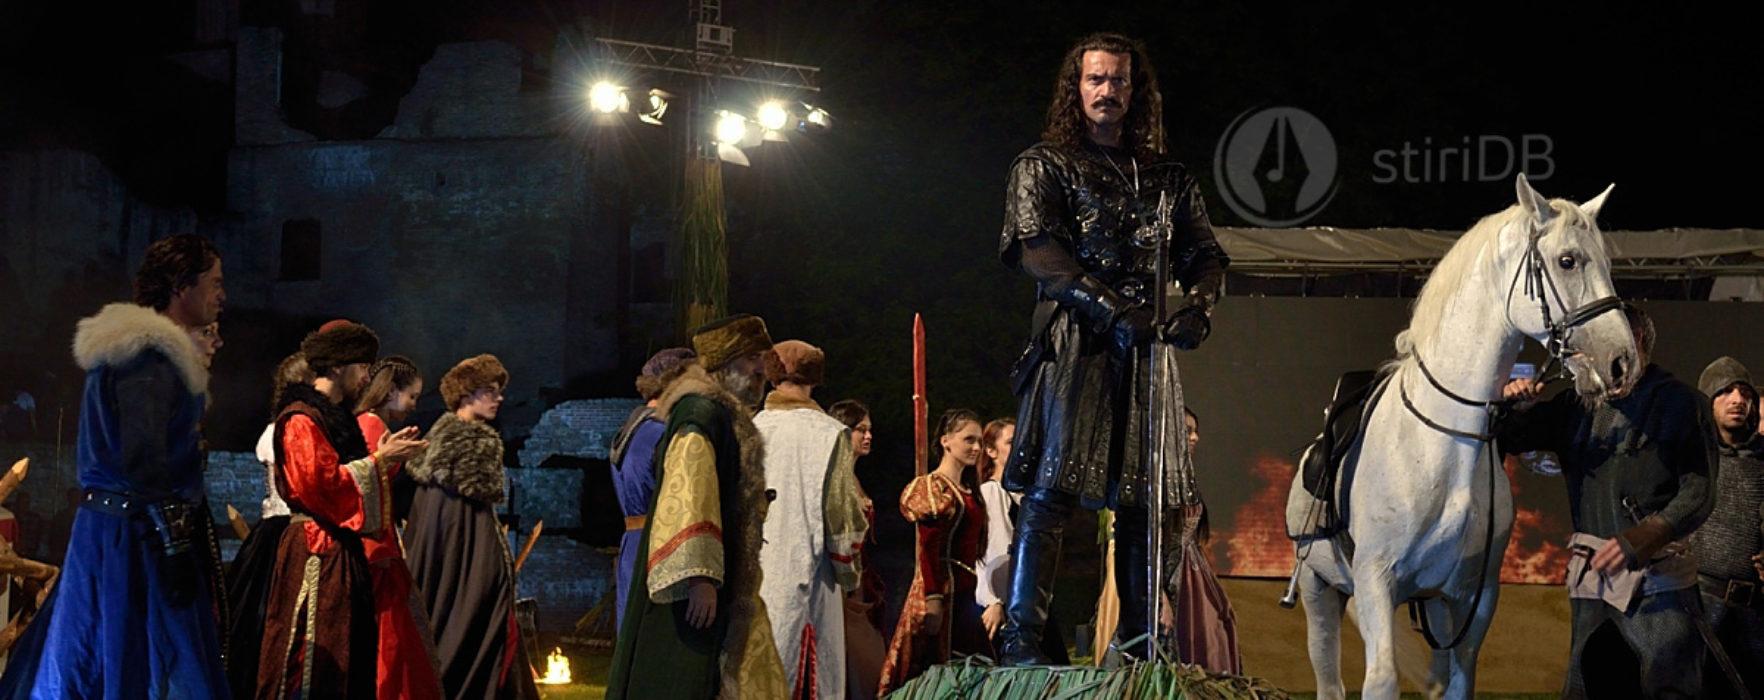 De ce Primăria Târgovişte nu vrea să promoveze Festivalul Dracula?